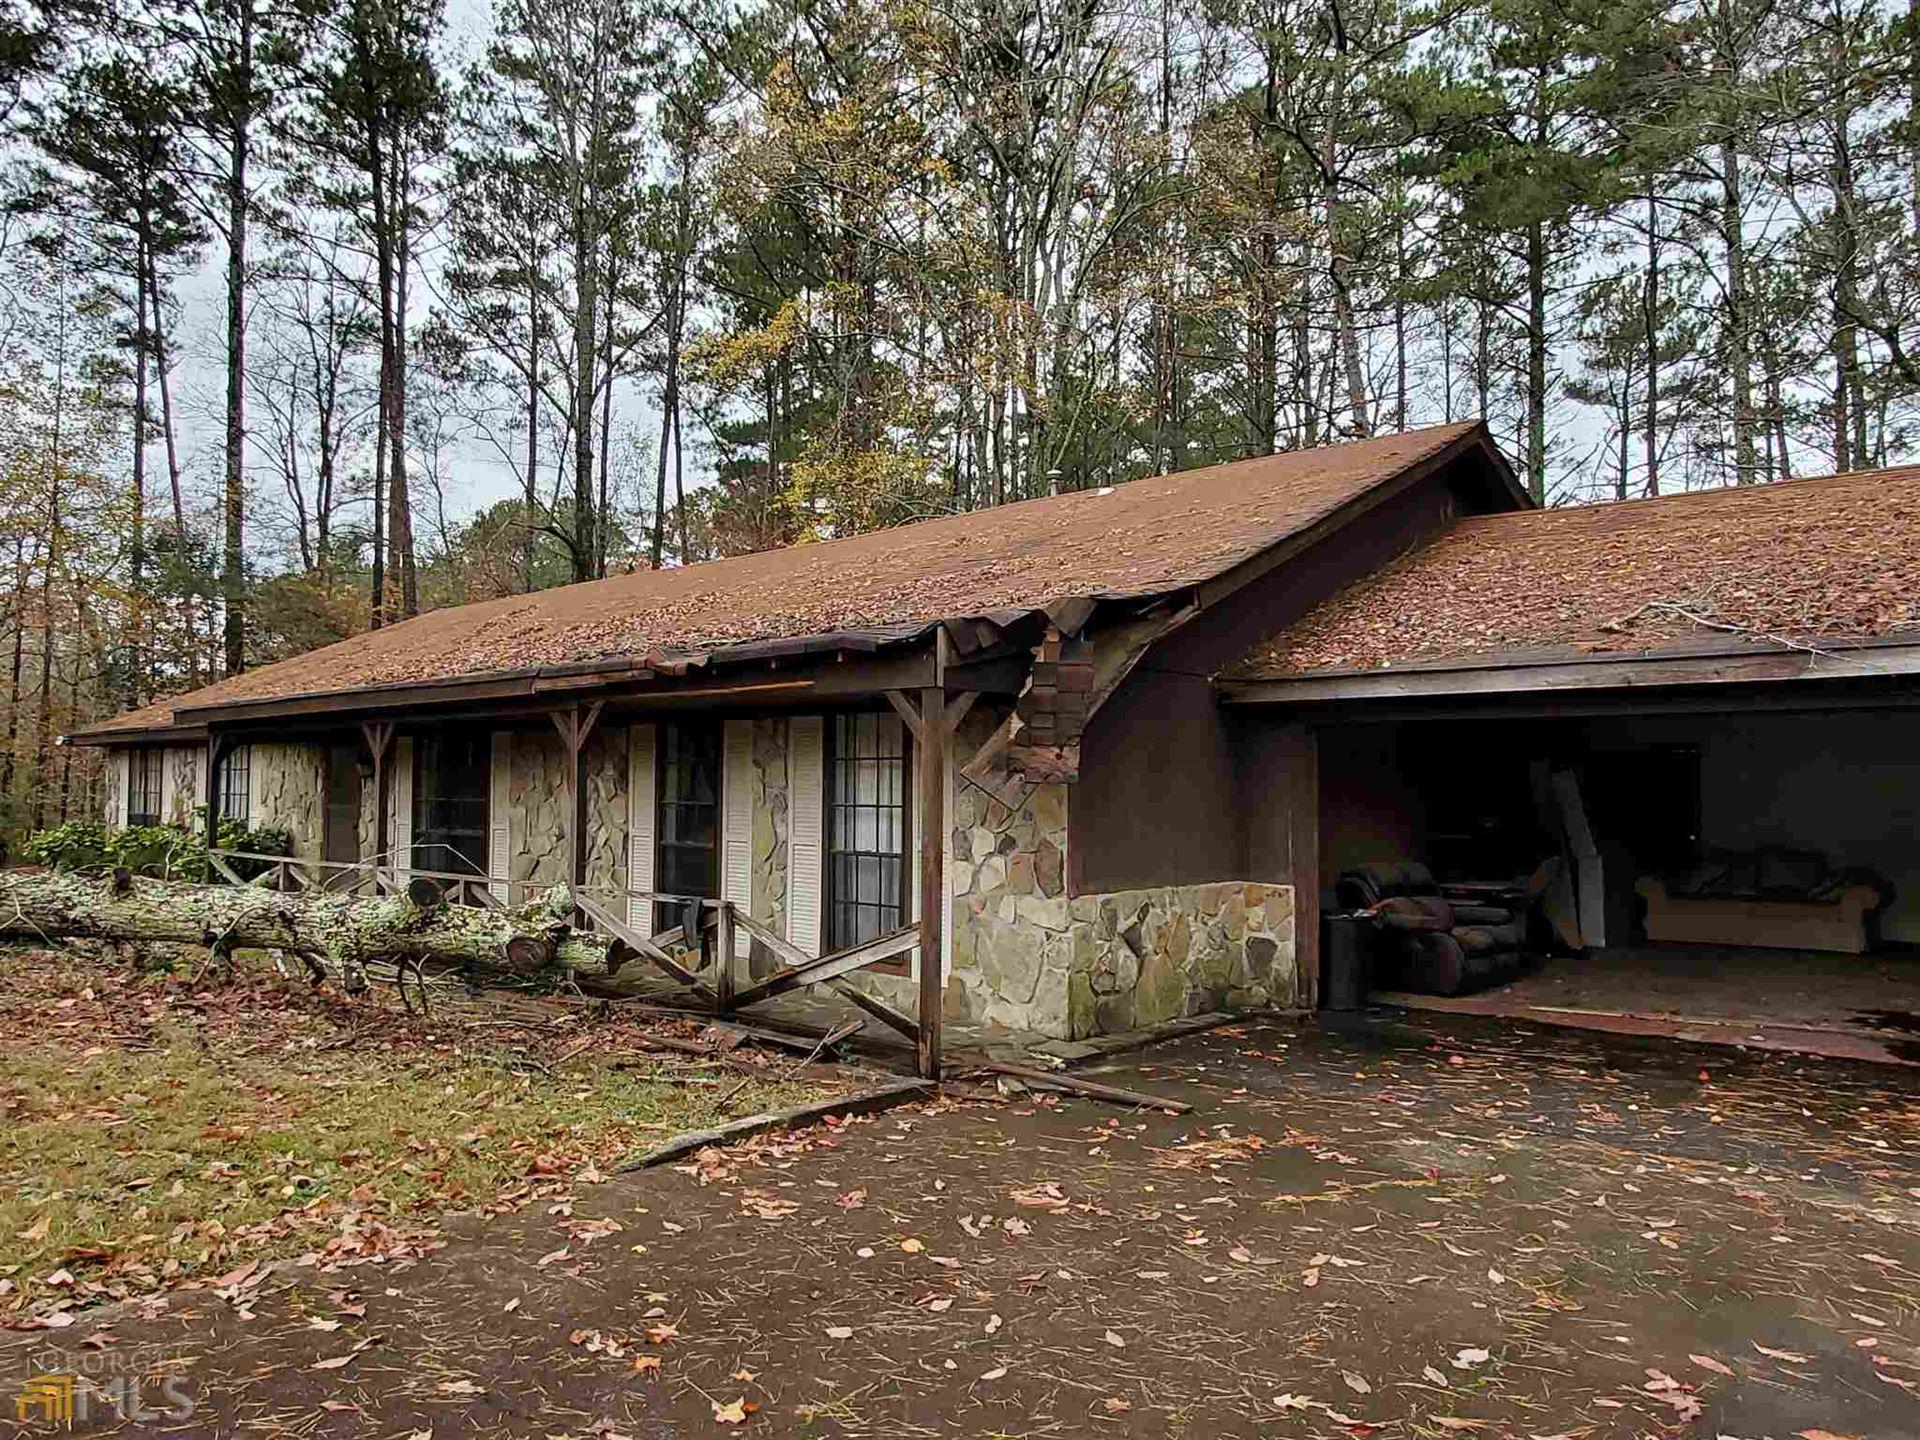 105 Old Mackey Rd, Woodstock, GA 30189 - MLS#: 8893804